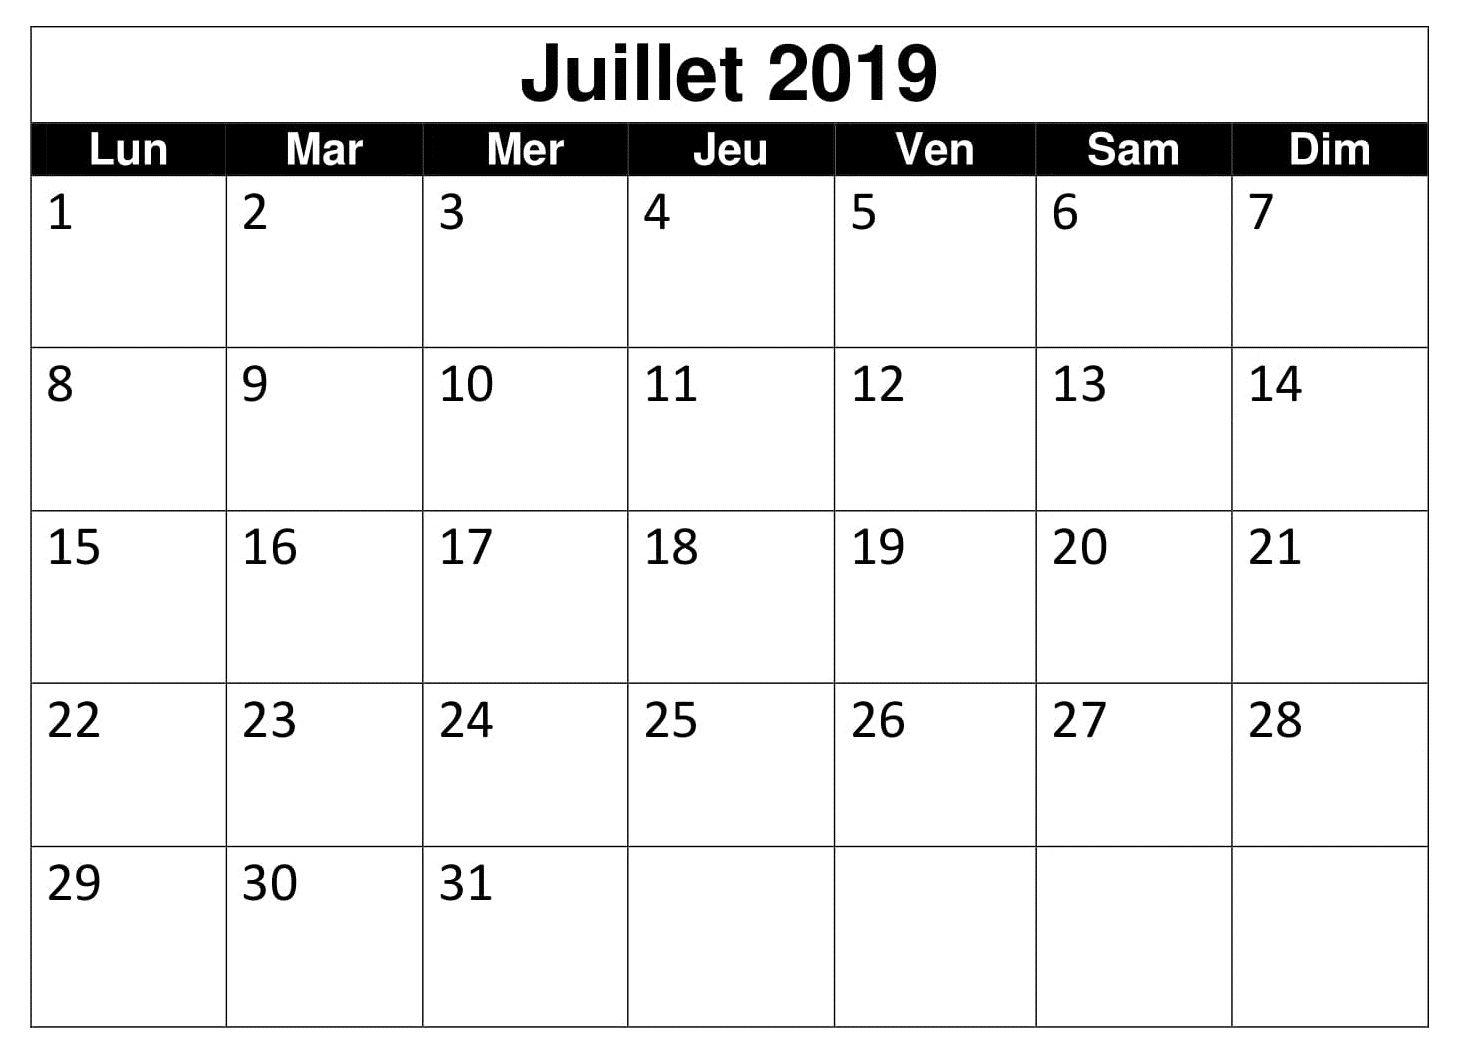 Calendrier Du Mois De Juillet 2019.Calendrier Mois Juillet 2019 Words Periodic Table